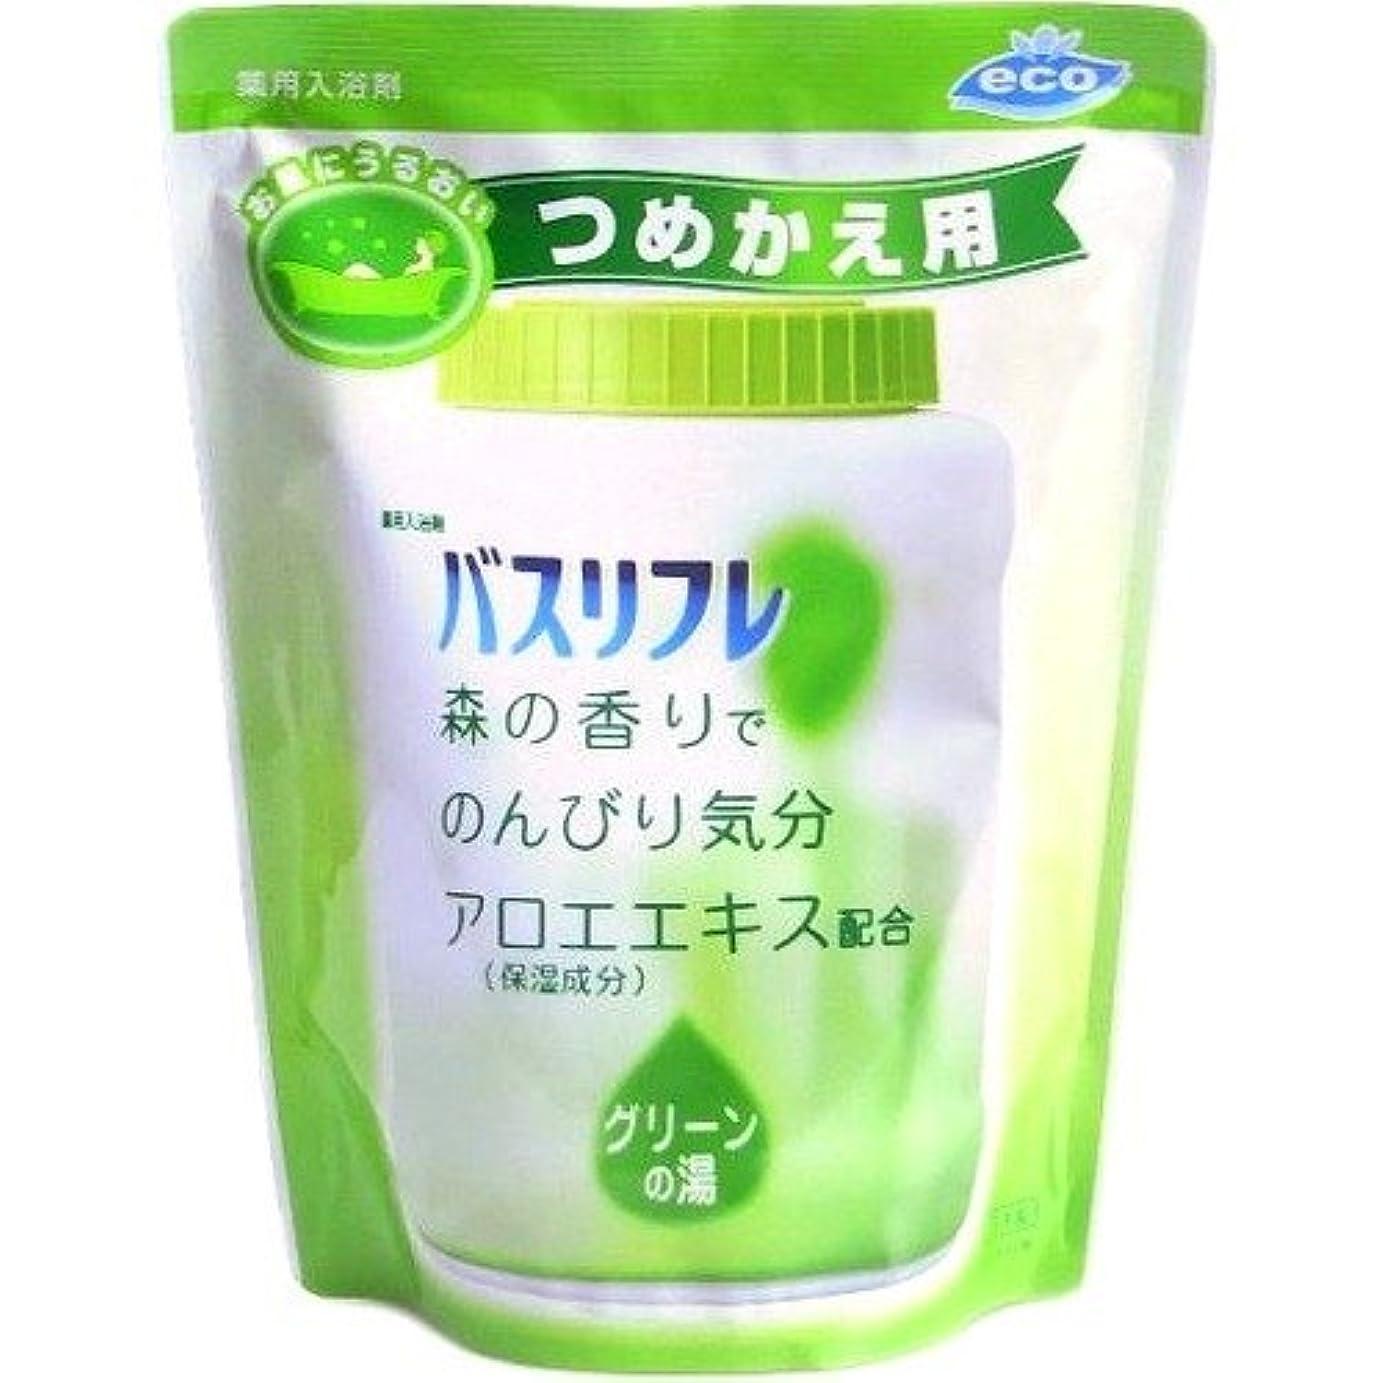 世界クレデンシャル震える薬用入浴剤 バスリフレ グリーンの湯 つめかえ用 540g 森の香り (ライオンケミカル)